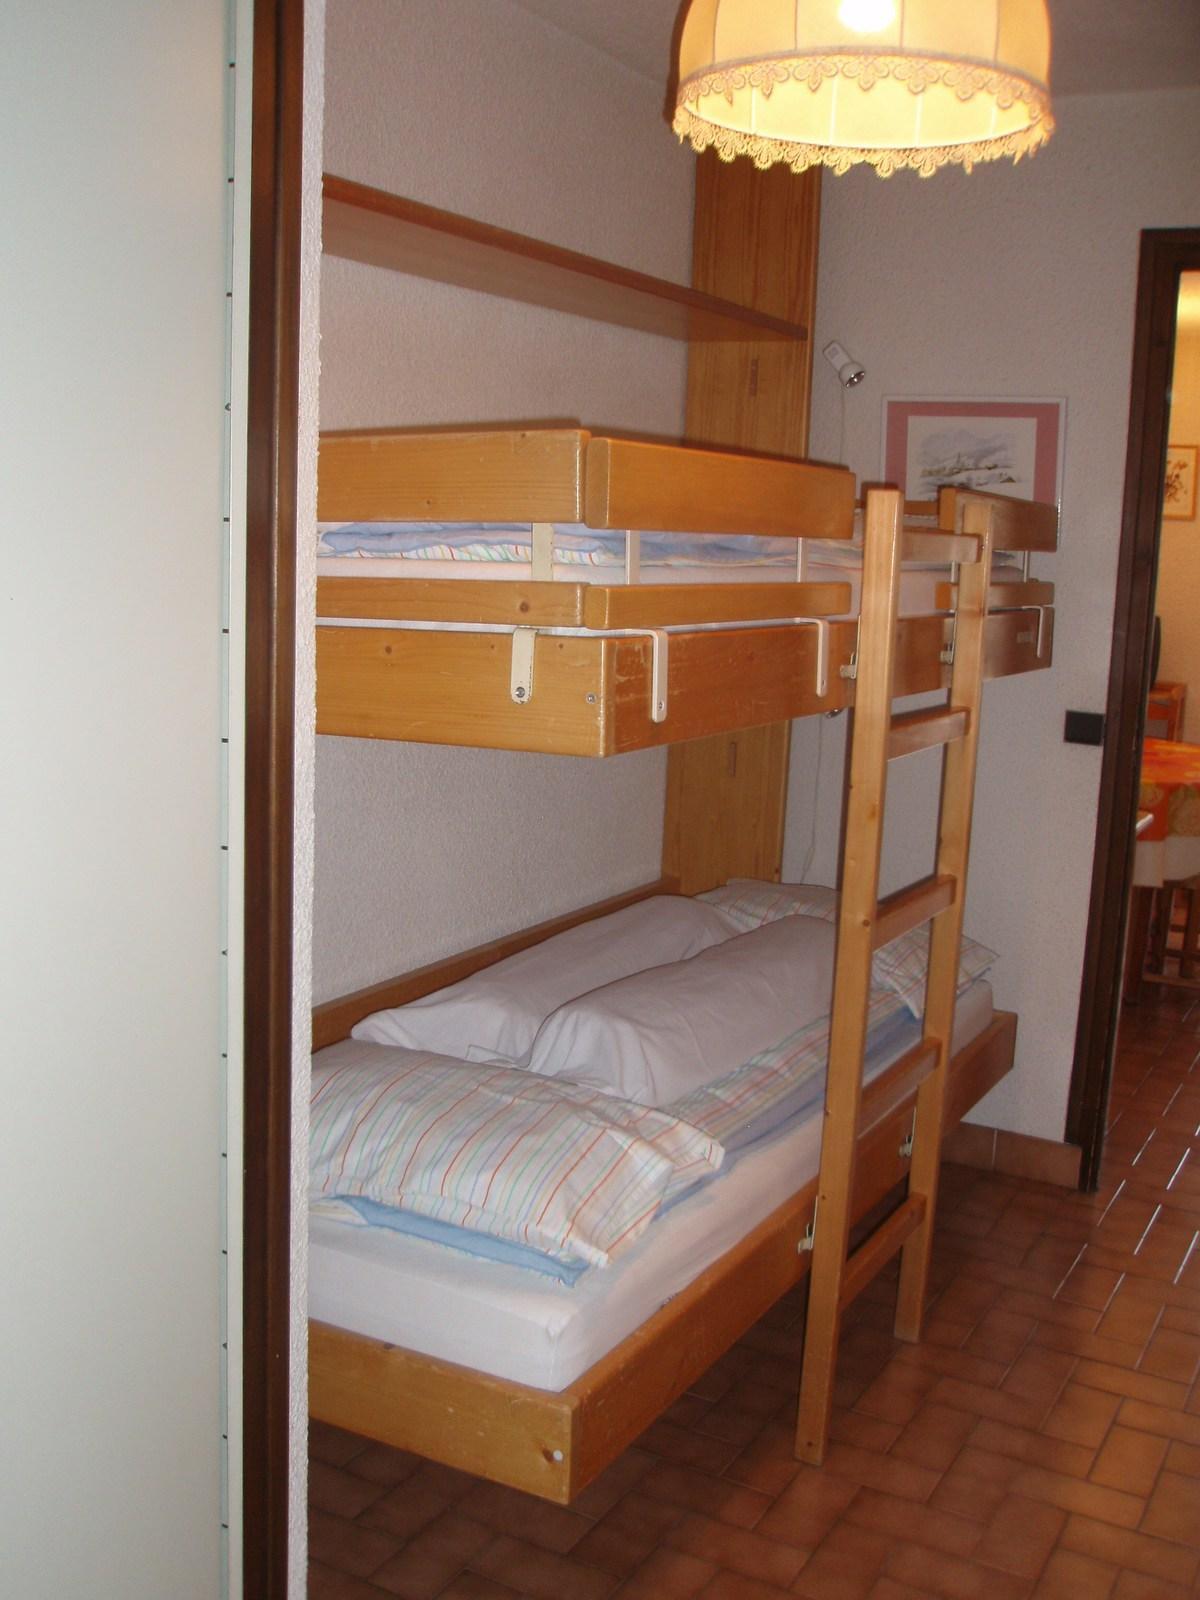 Location au ski Studio coin montagne 4 personnes (113) - Residence Les Cretes - Valloire - Coin montagne